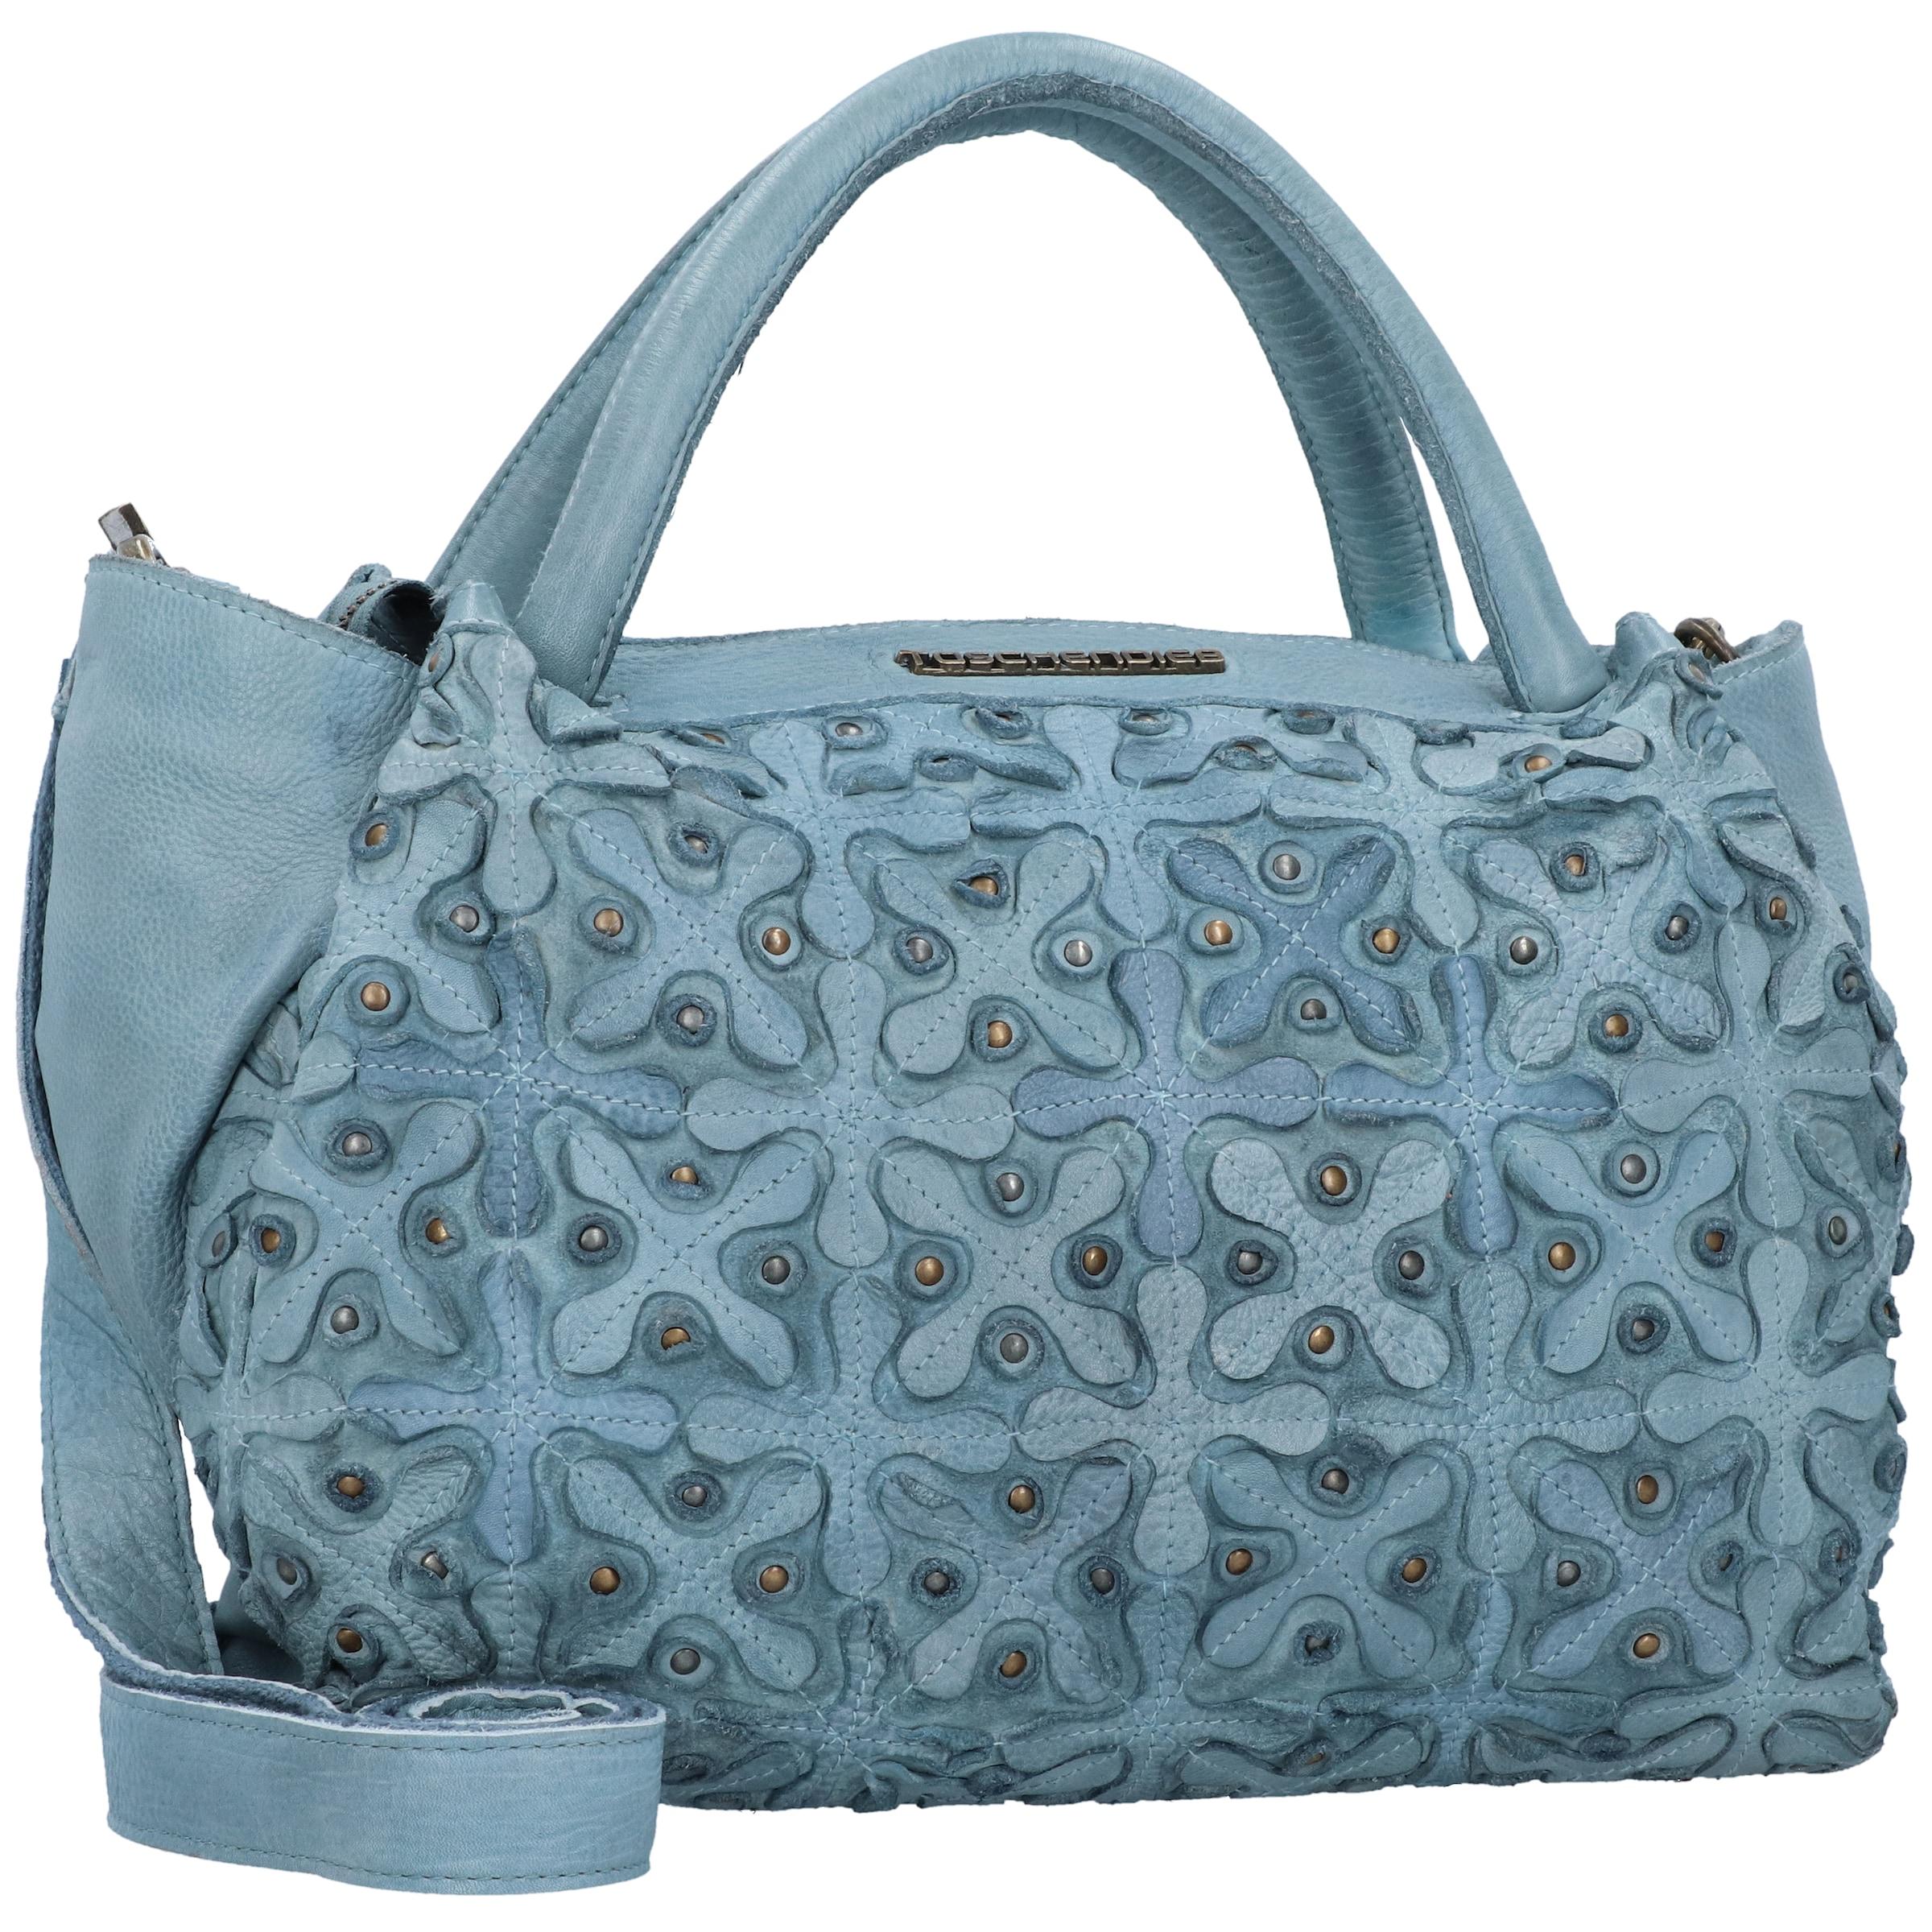 Taschendieb In Handtasche Himmelblau Wien Taschendieb 80nPNwXOkZ